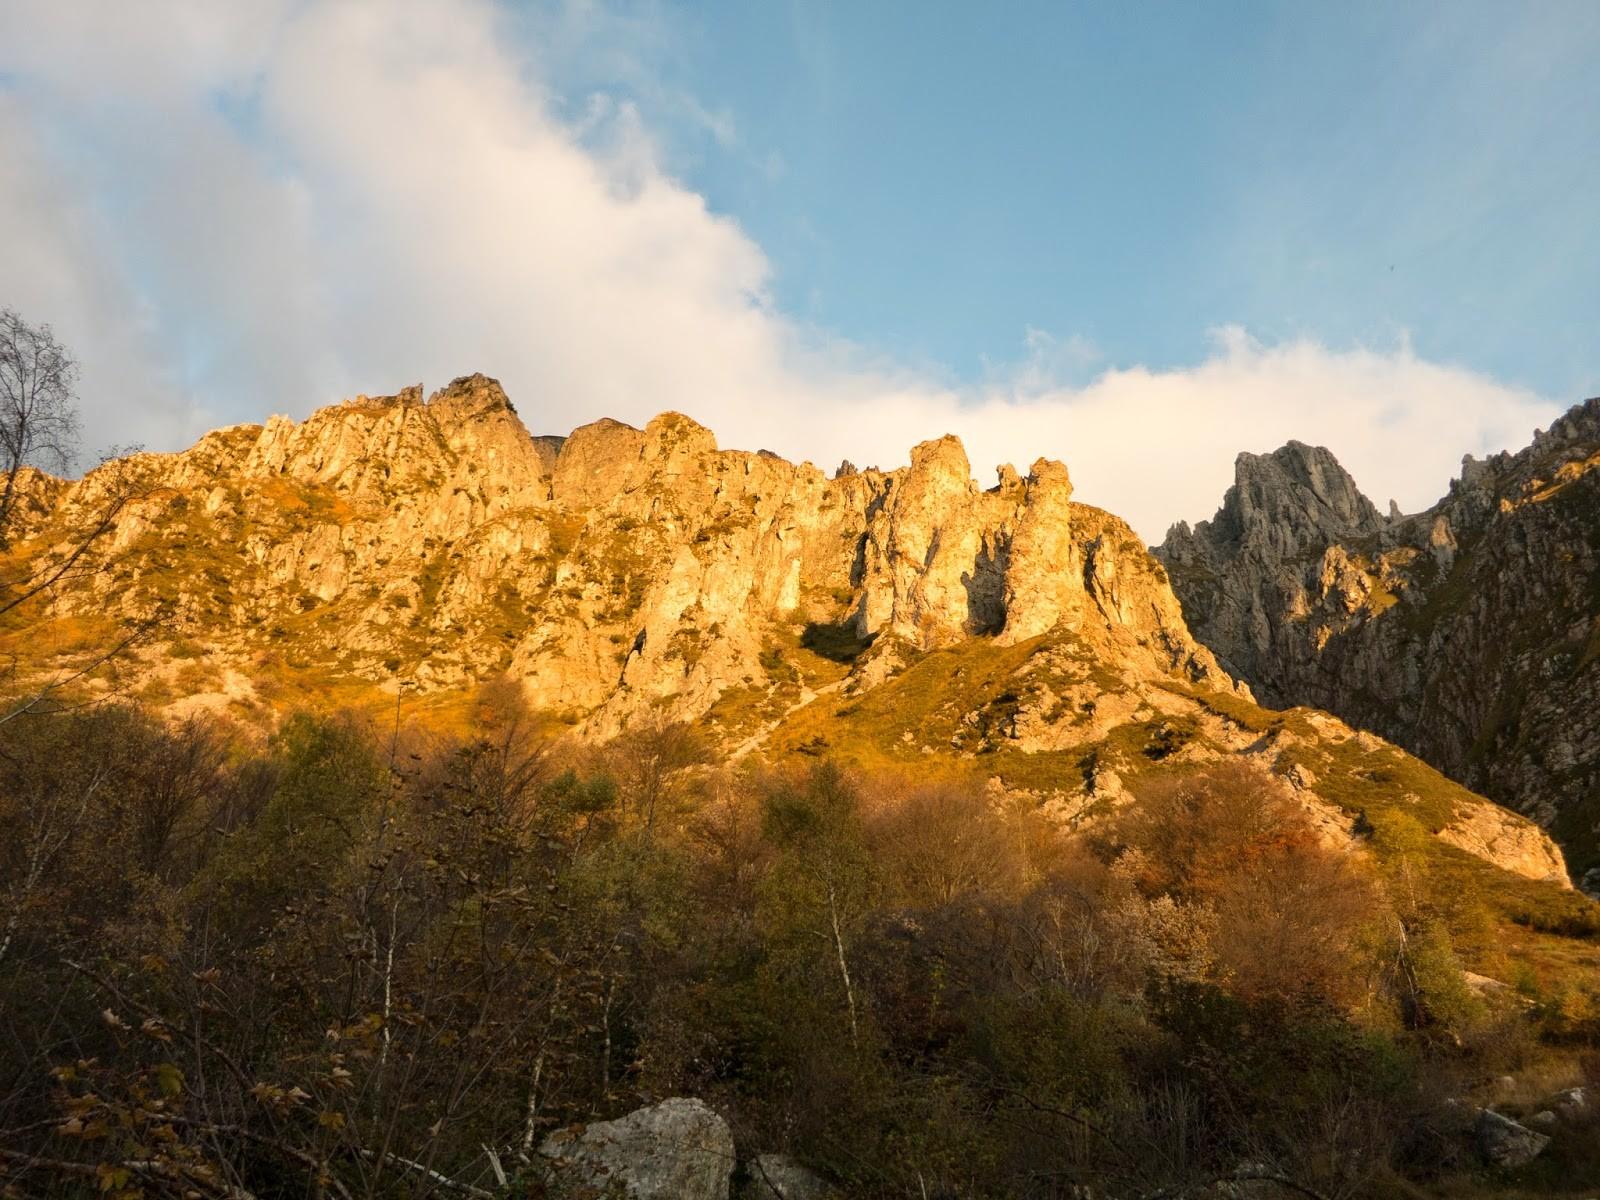 Via Gandin (V+/IV+, A0), Via Lecco (IV, IV+) Magnaghi Centrale, Settentrionale – Grigna